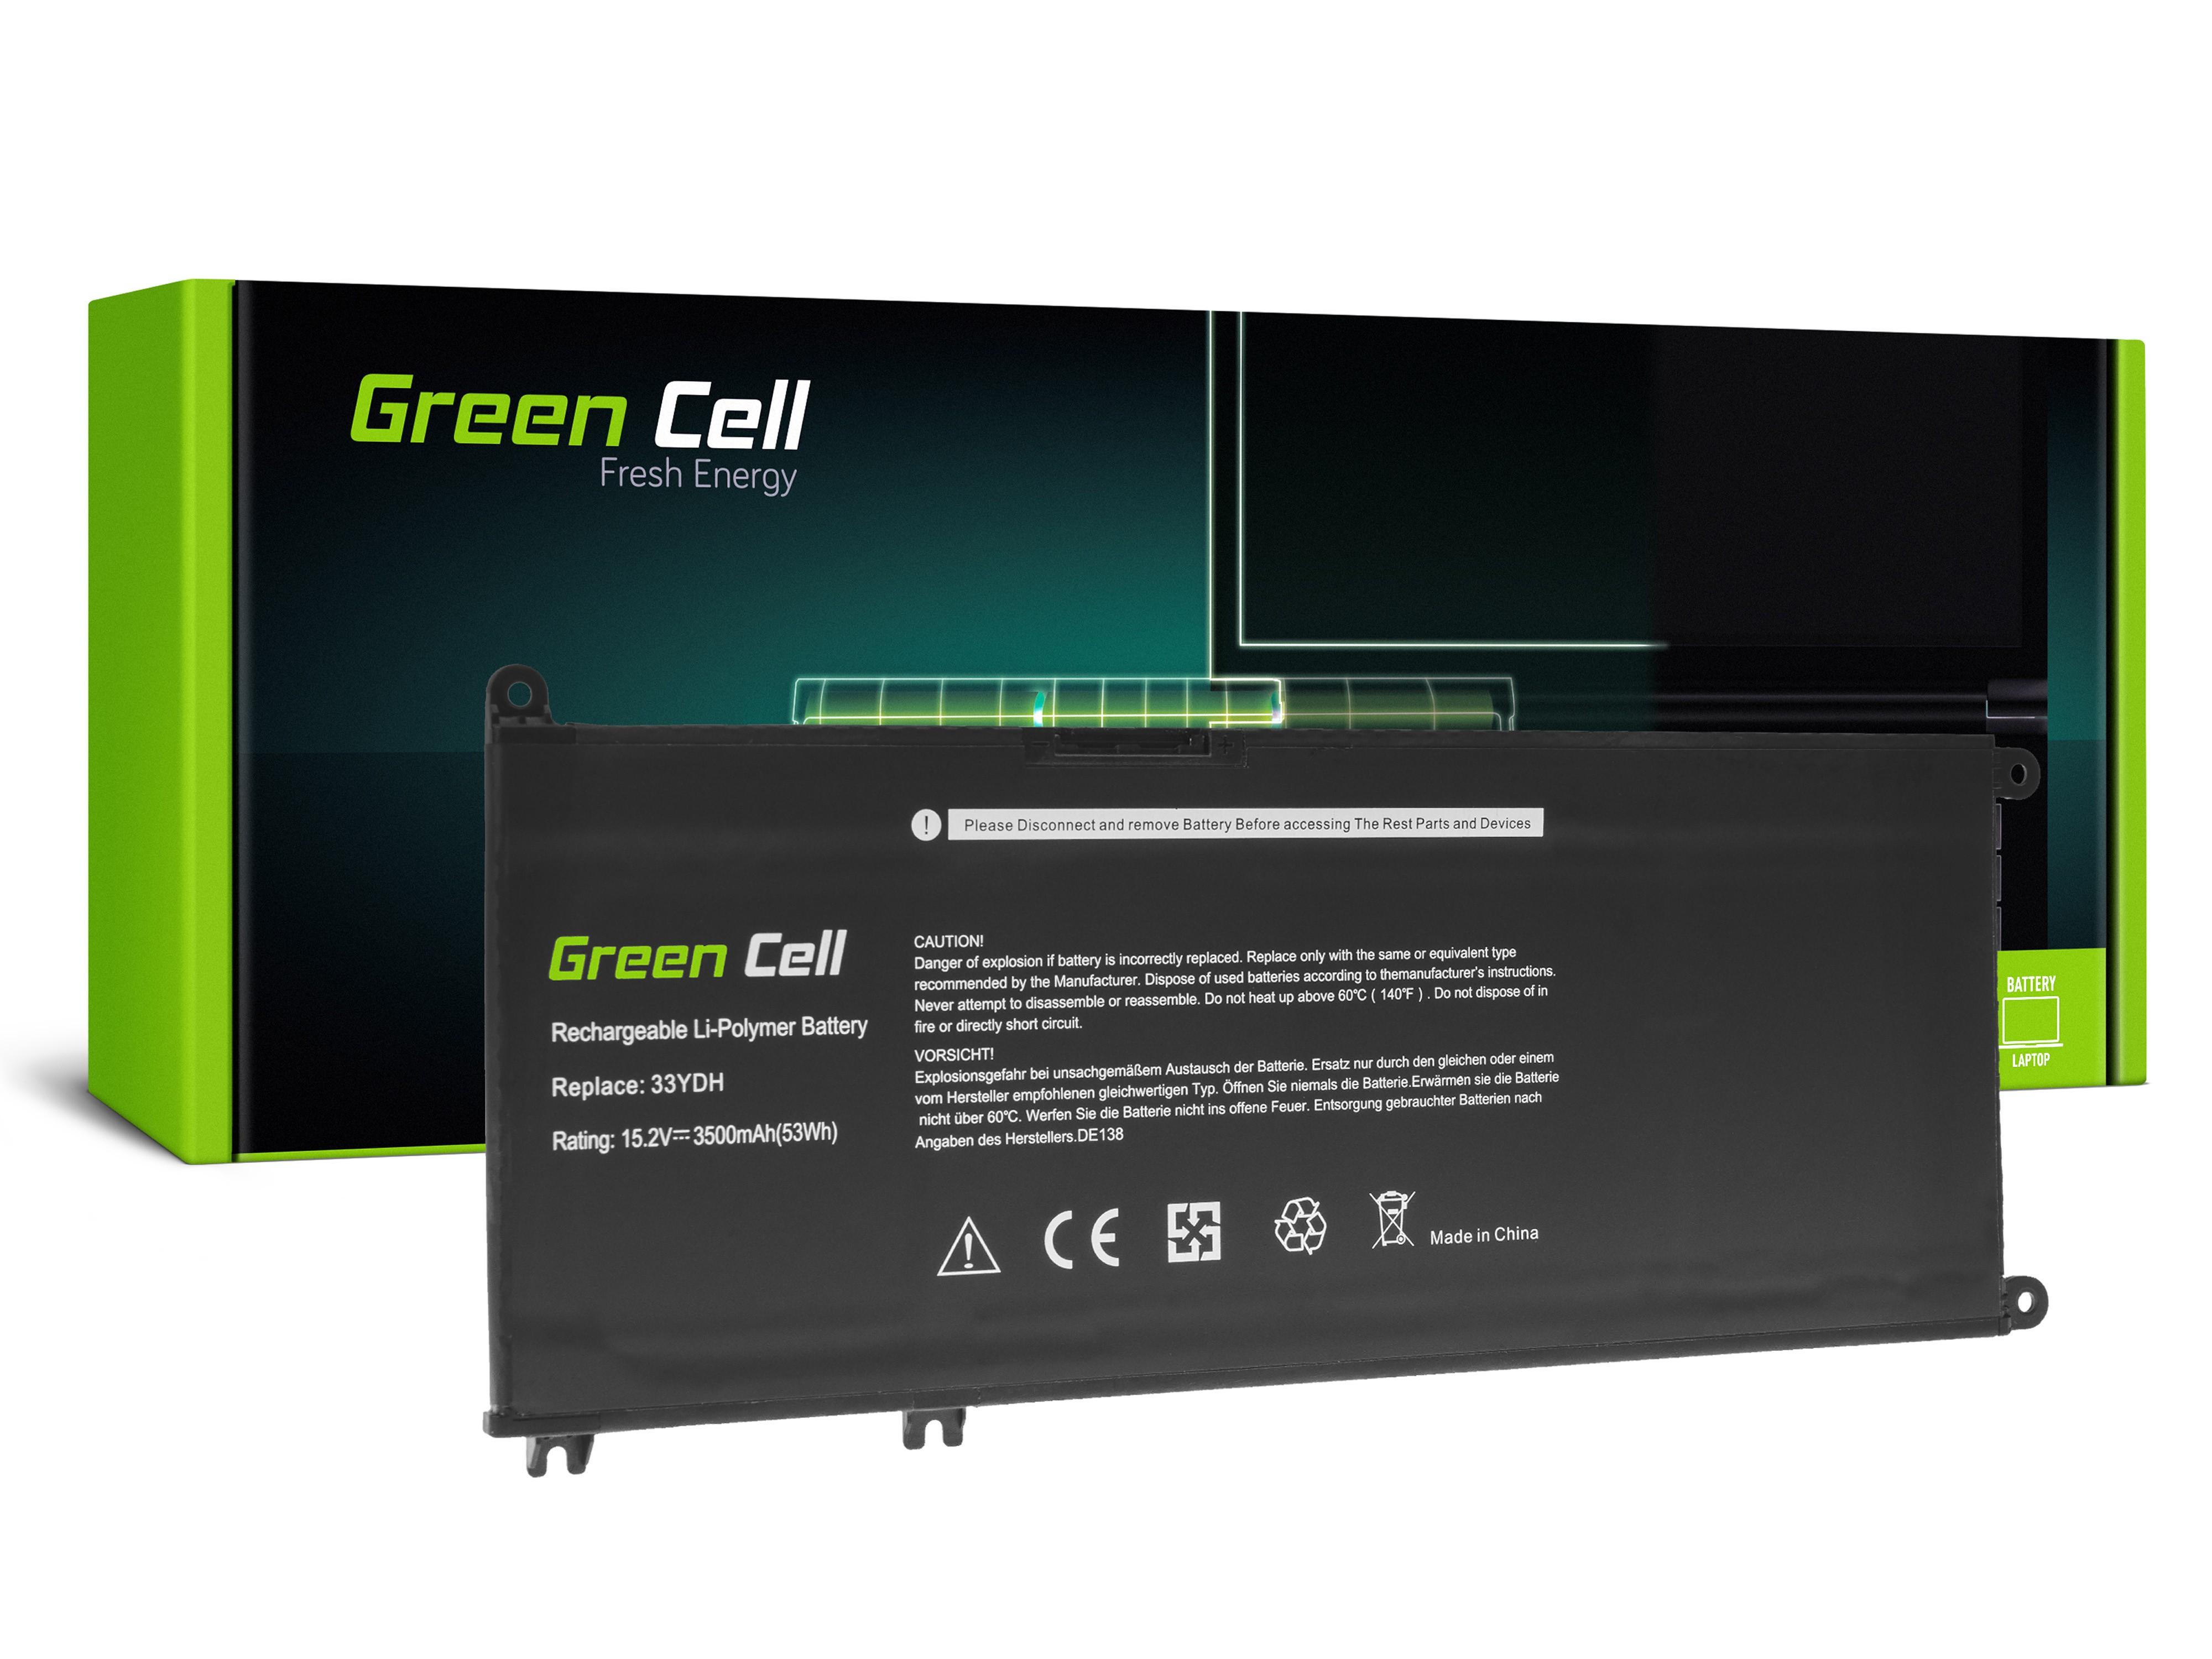 Batteri 33YDH för Dell Inspiron G3 3579 3779 G5 5587 G7 7588 7577 7773 7778 7779 7786 Latitud 3380 3480 3490 3590